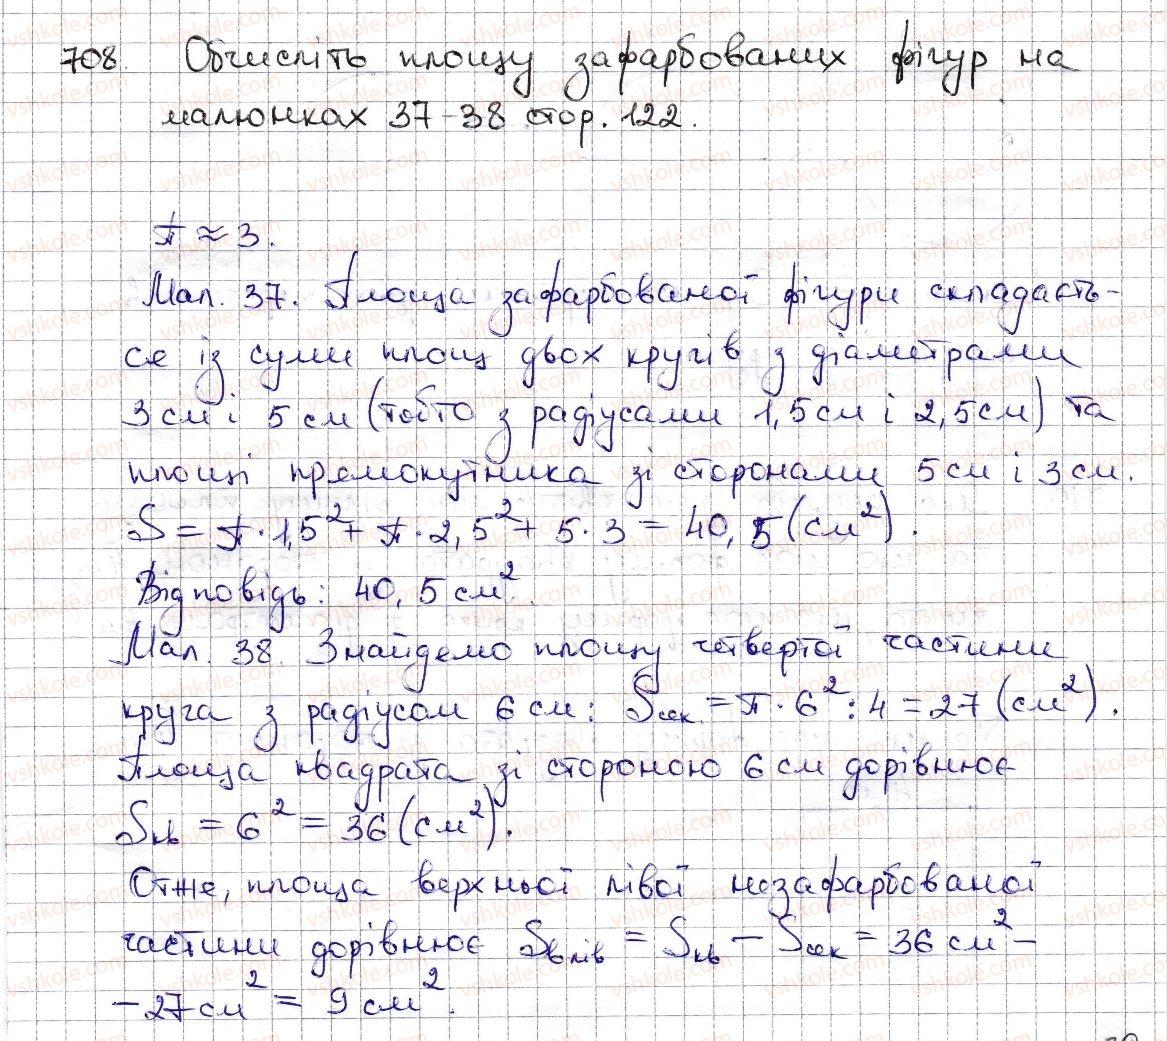 6-matematika-na-tarasenkova-im-bogatirova-om-kolomiyets-zo-serdyuk-2014--rozdil-3-vidnoshennya-i-proportsiyi-16-kolo-i-krug-kutovij-sektor-708-rnd6433.jpg